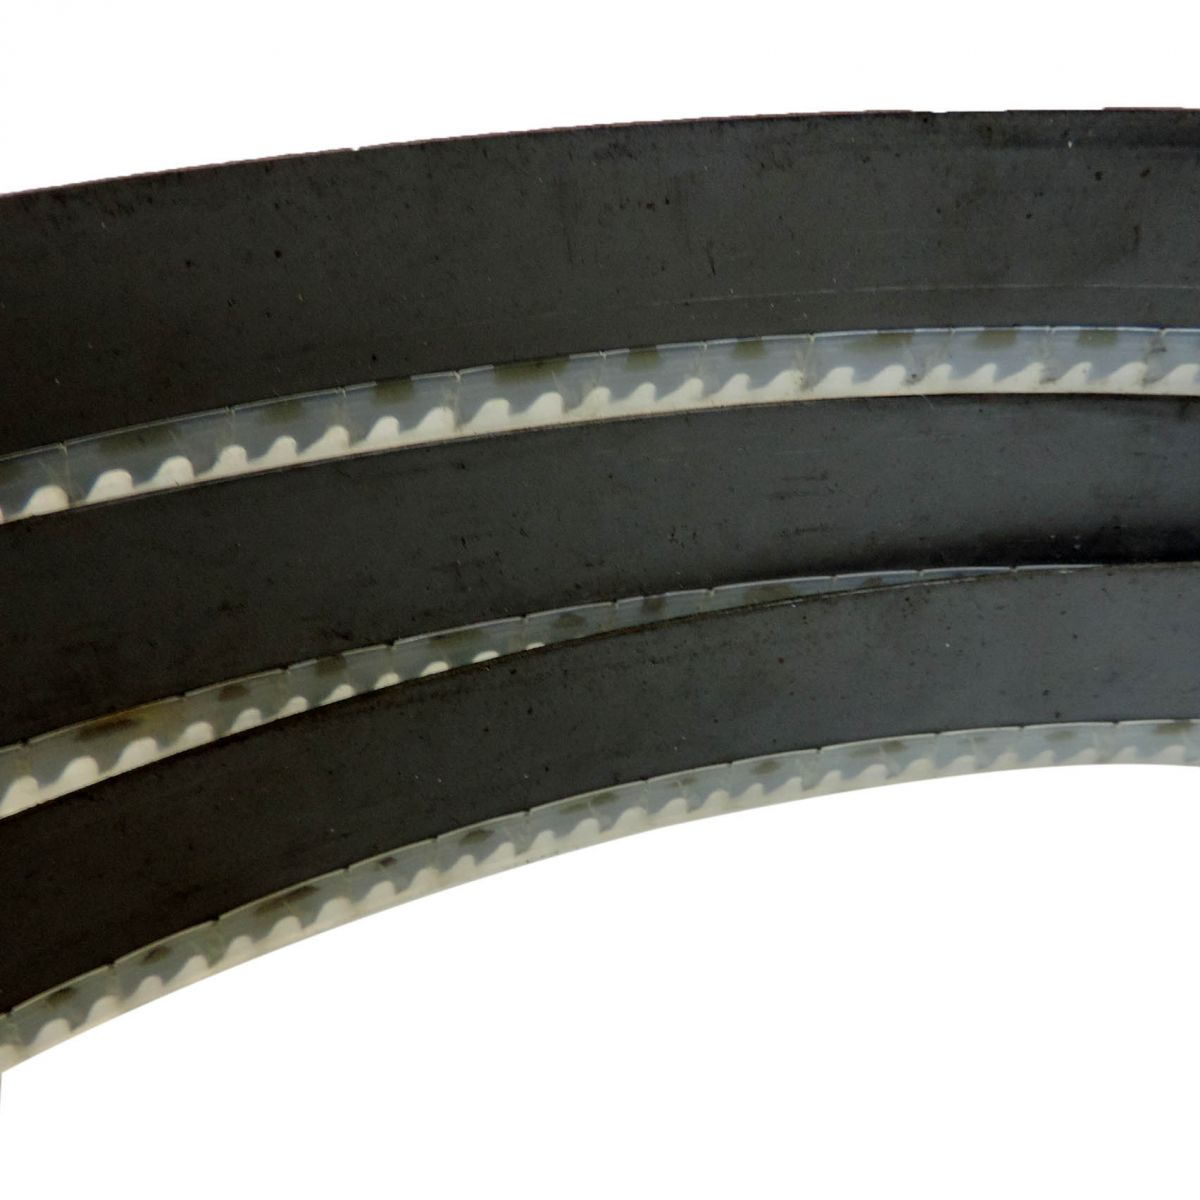 Lâmina P/serra De Fita 3,64m 27x0,9 M42 04-06 - Wagner - Q96